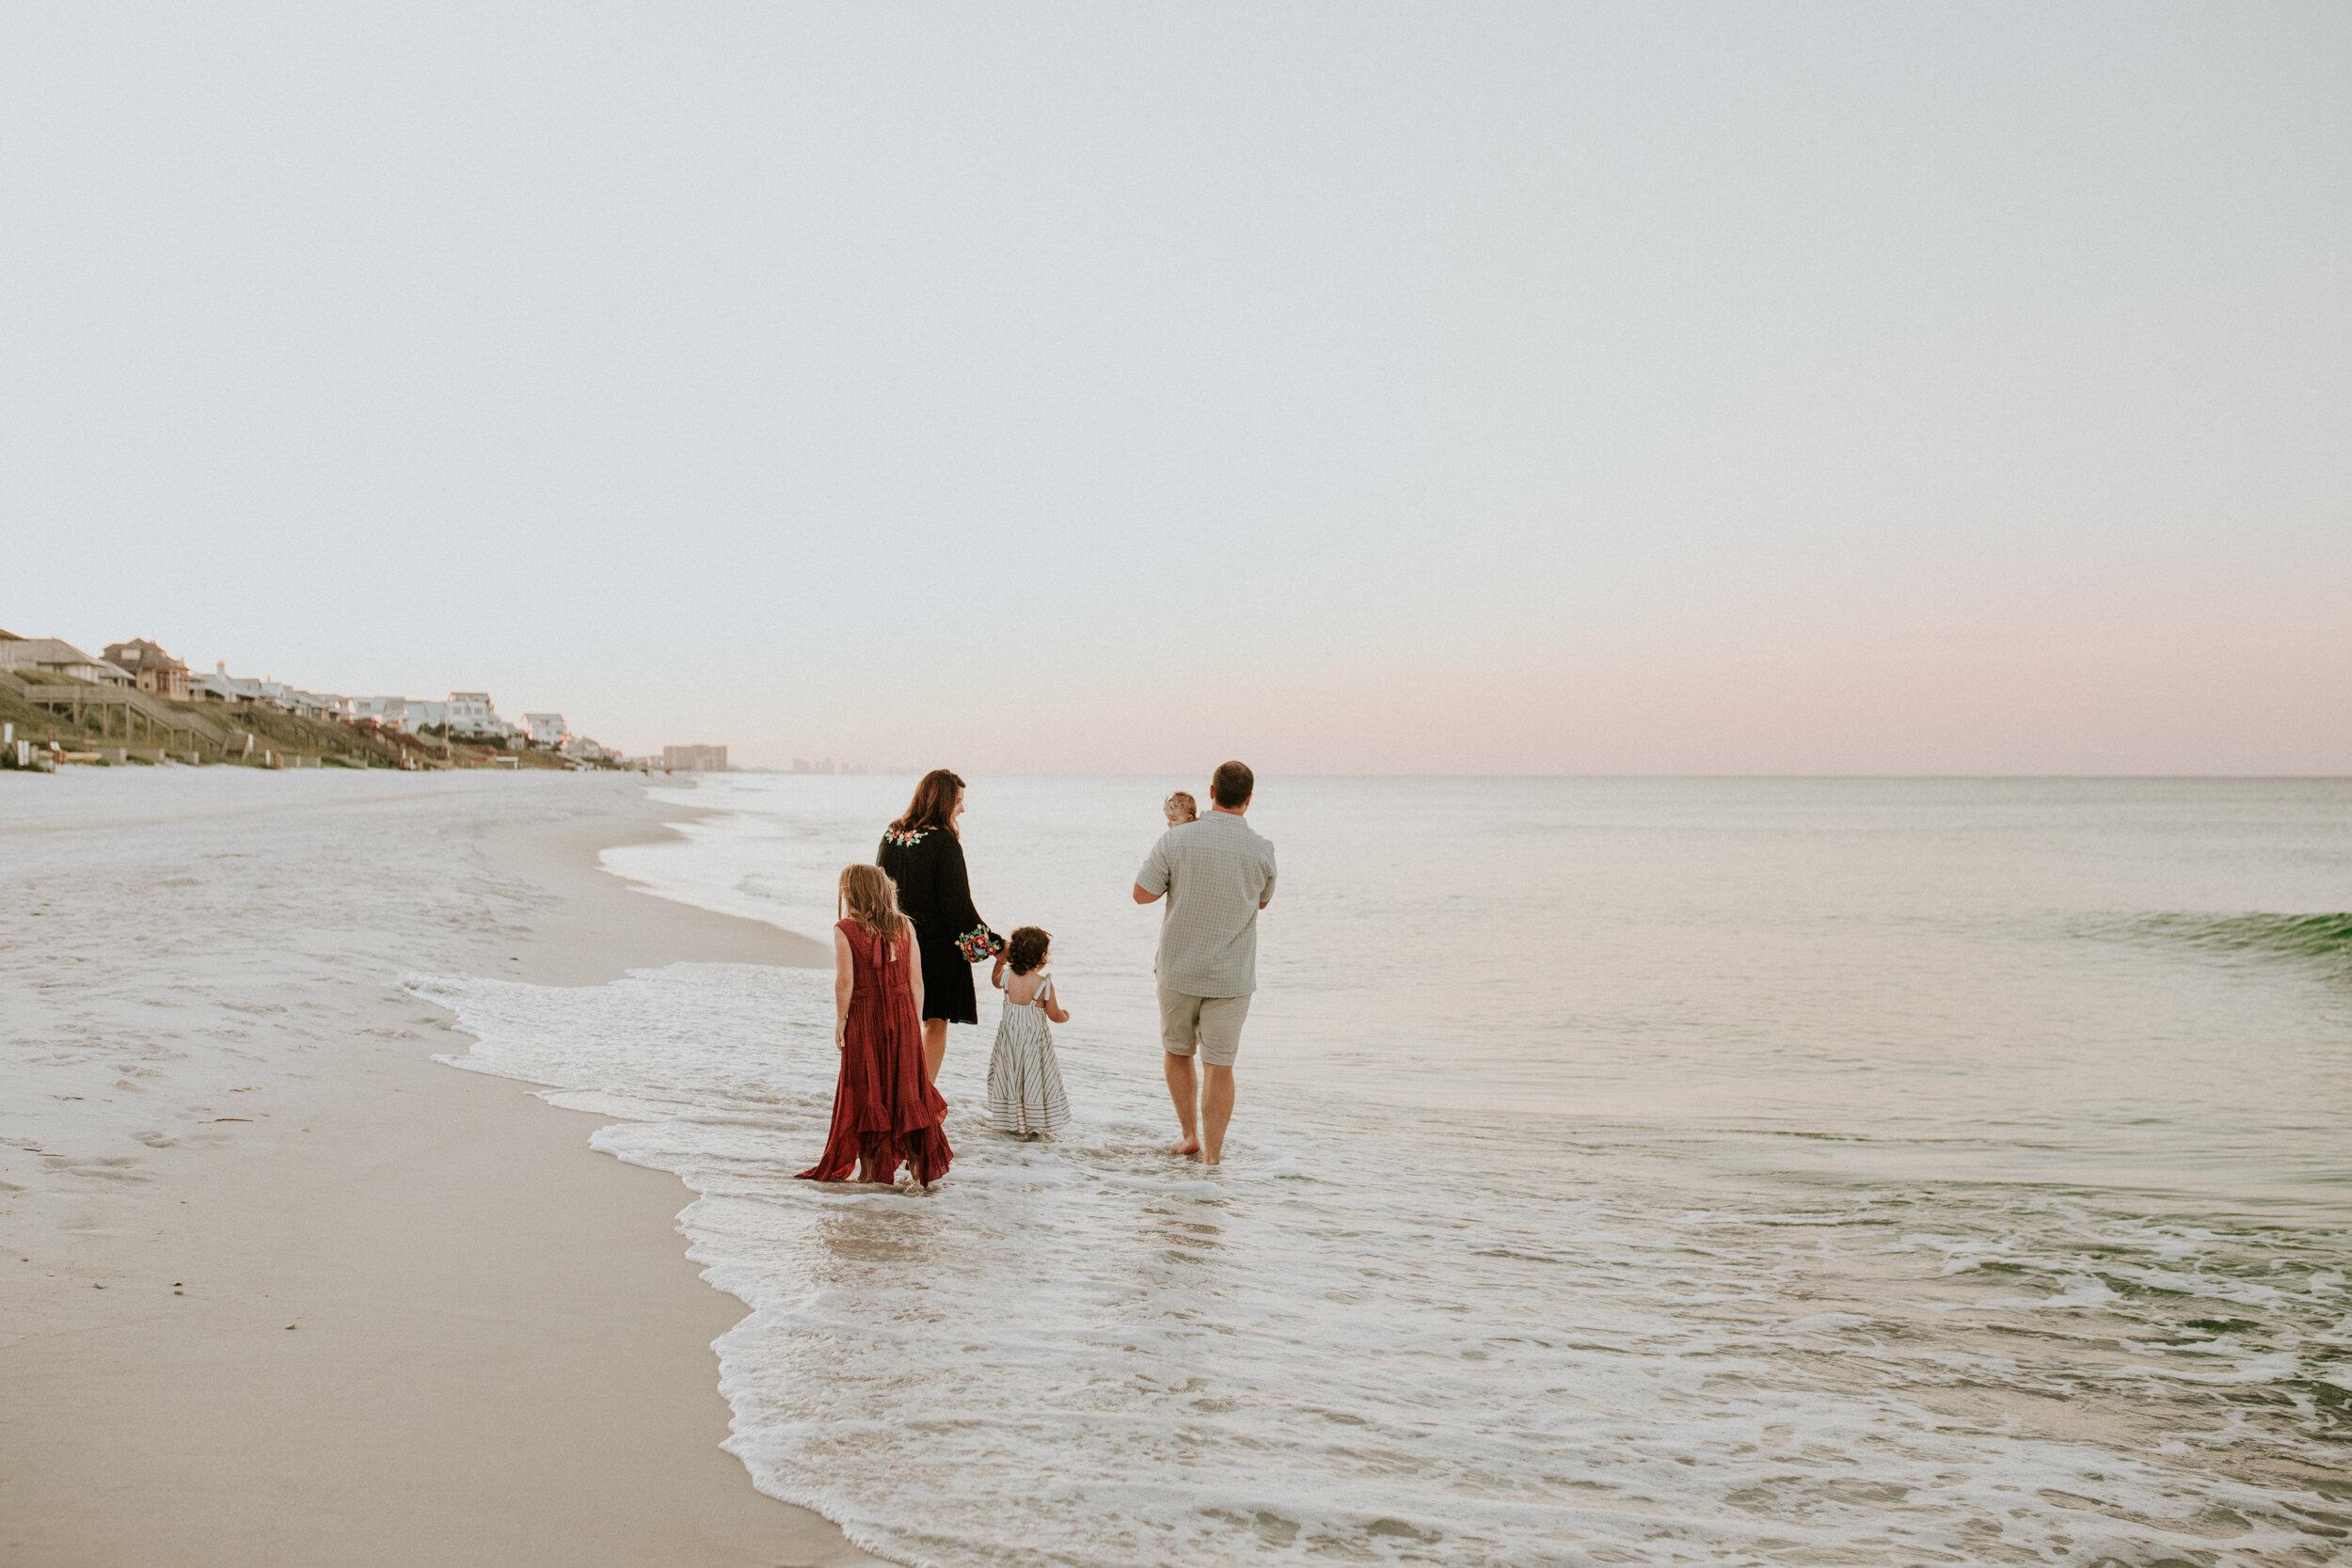 30a_Destin_Rosemary_Beach_Florida_Family_Photographer_Beach_Session-2.jpg